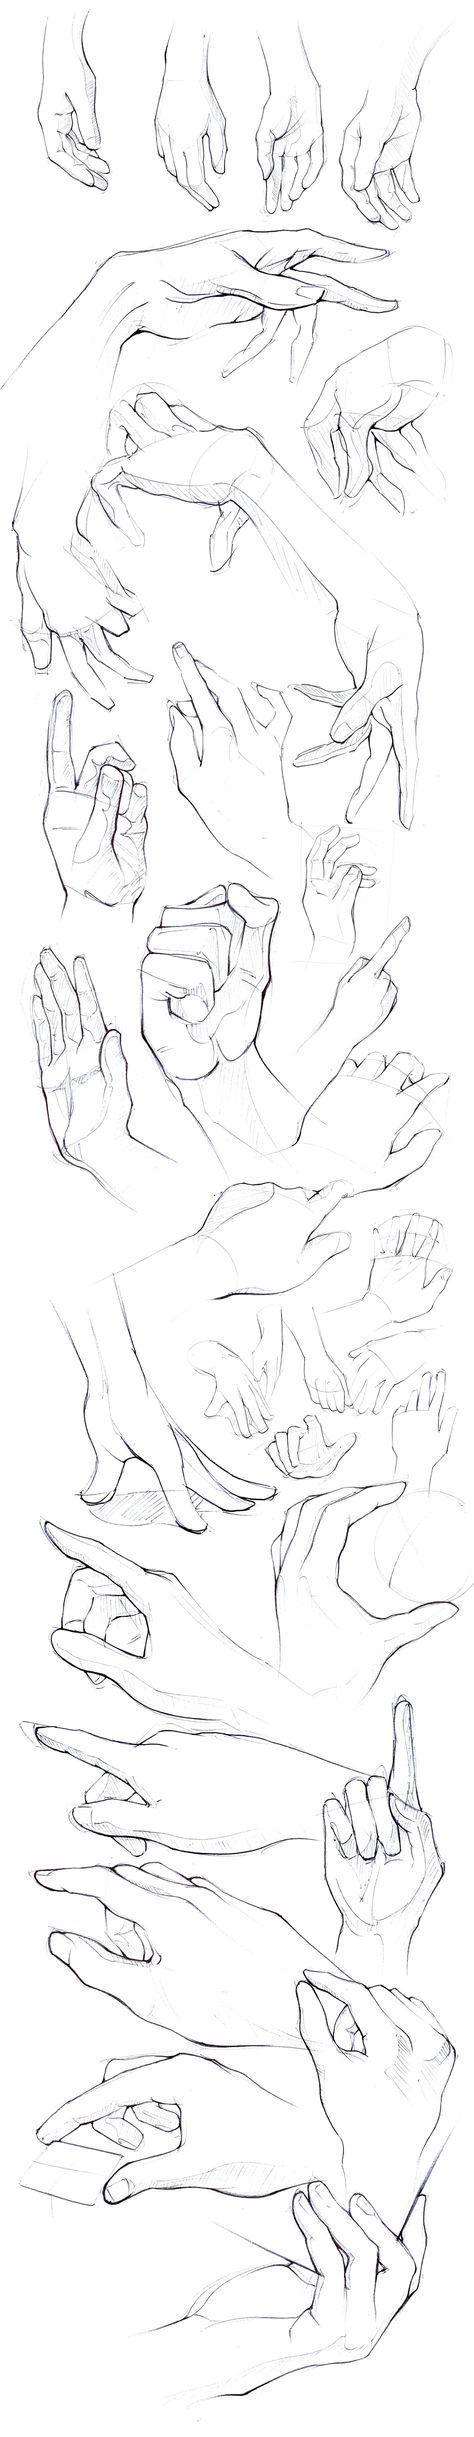 D'autres mains